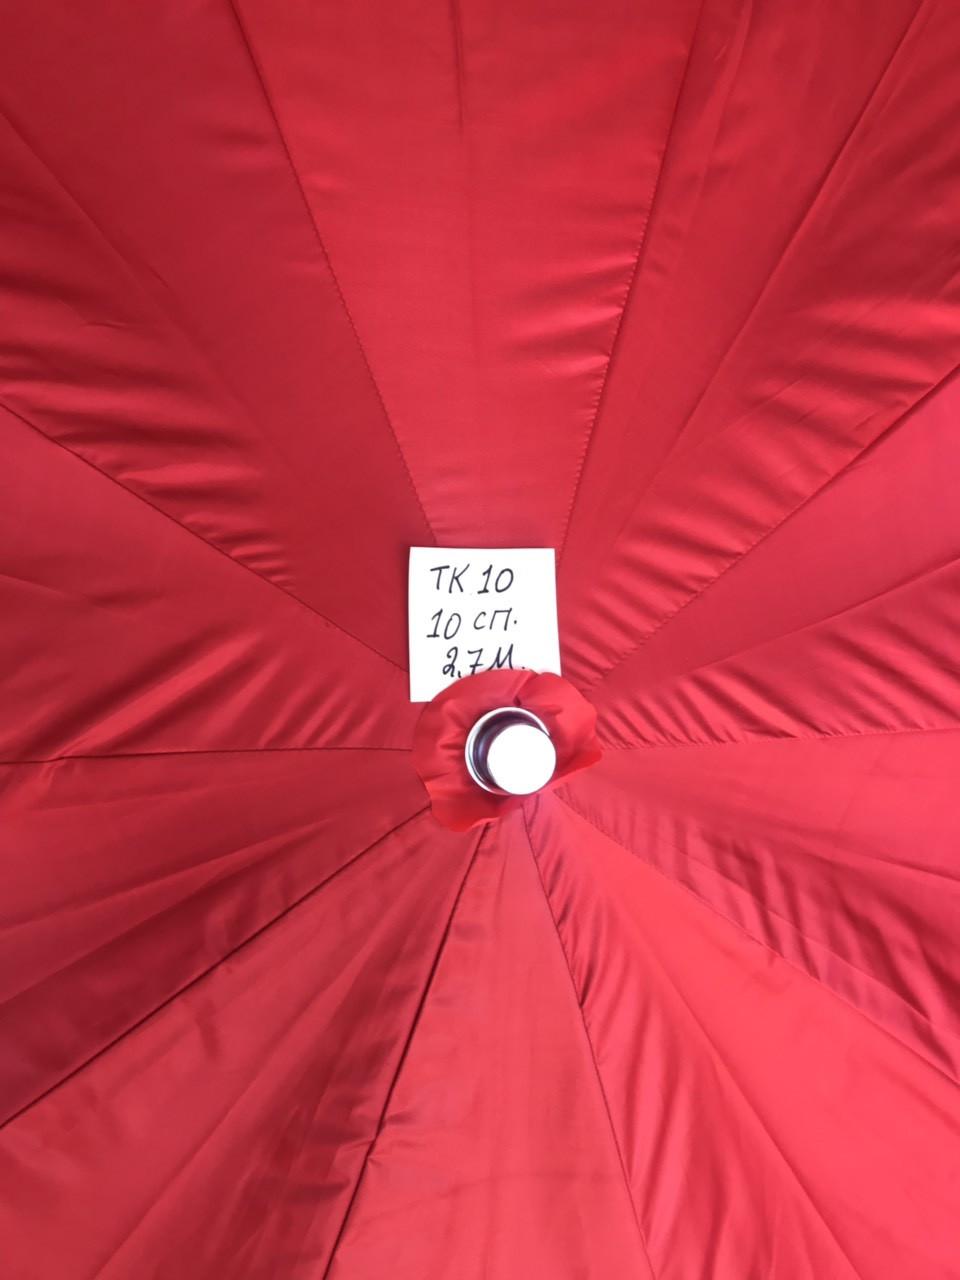 Зонт круглый усиленный 2.7 м для пляжа, торговый, садовый, с напылением , брезент, 10 спиц, чехол